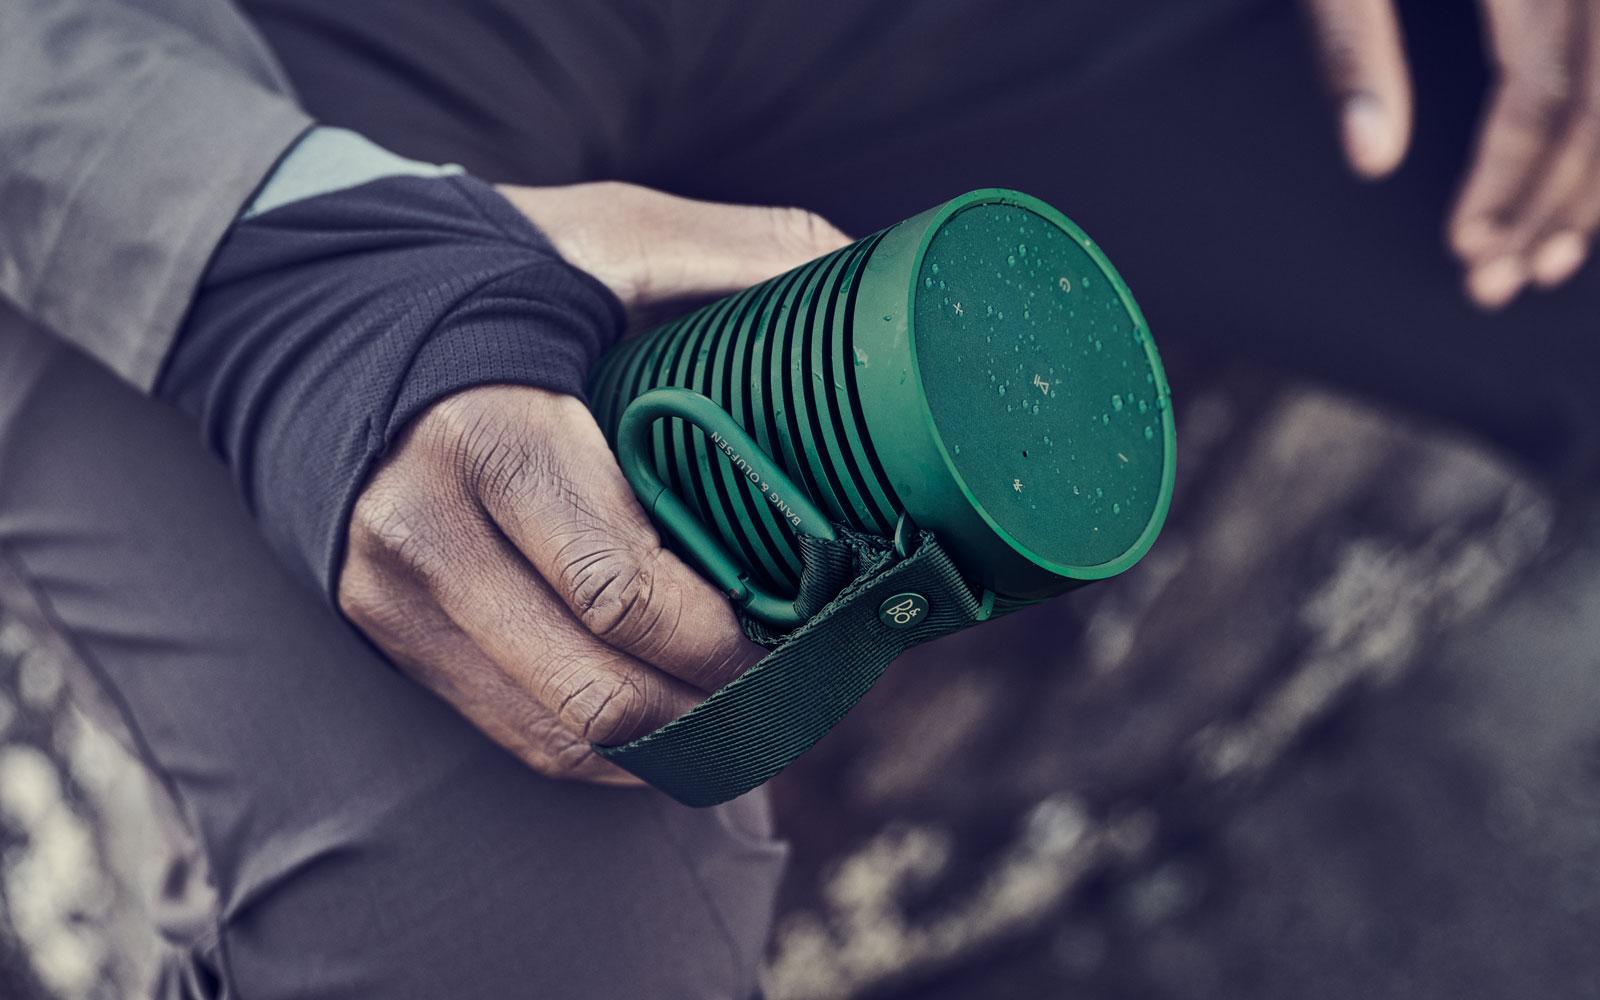 Bang & Olufsen'in en yeni hoparlörü su geçirmezdir ve alüminyumdan yapılmıştır | Engadget